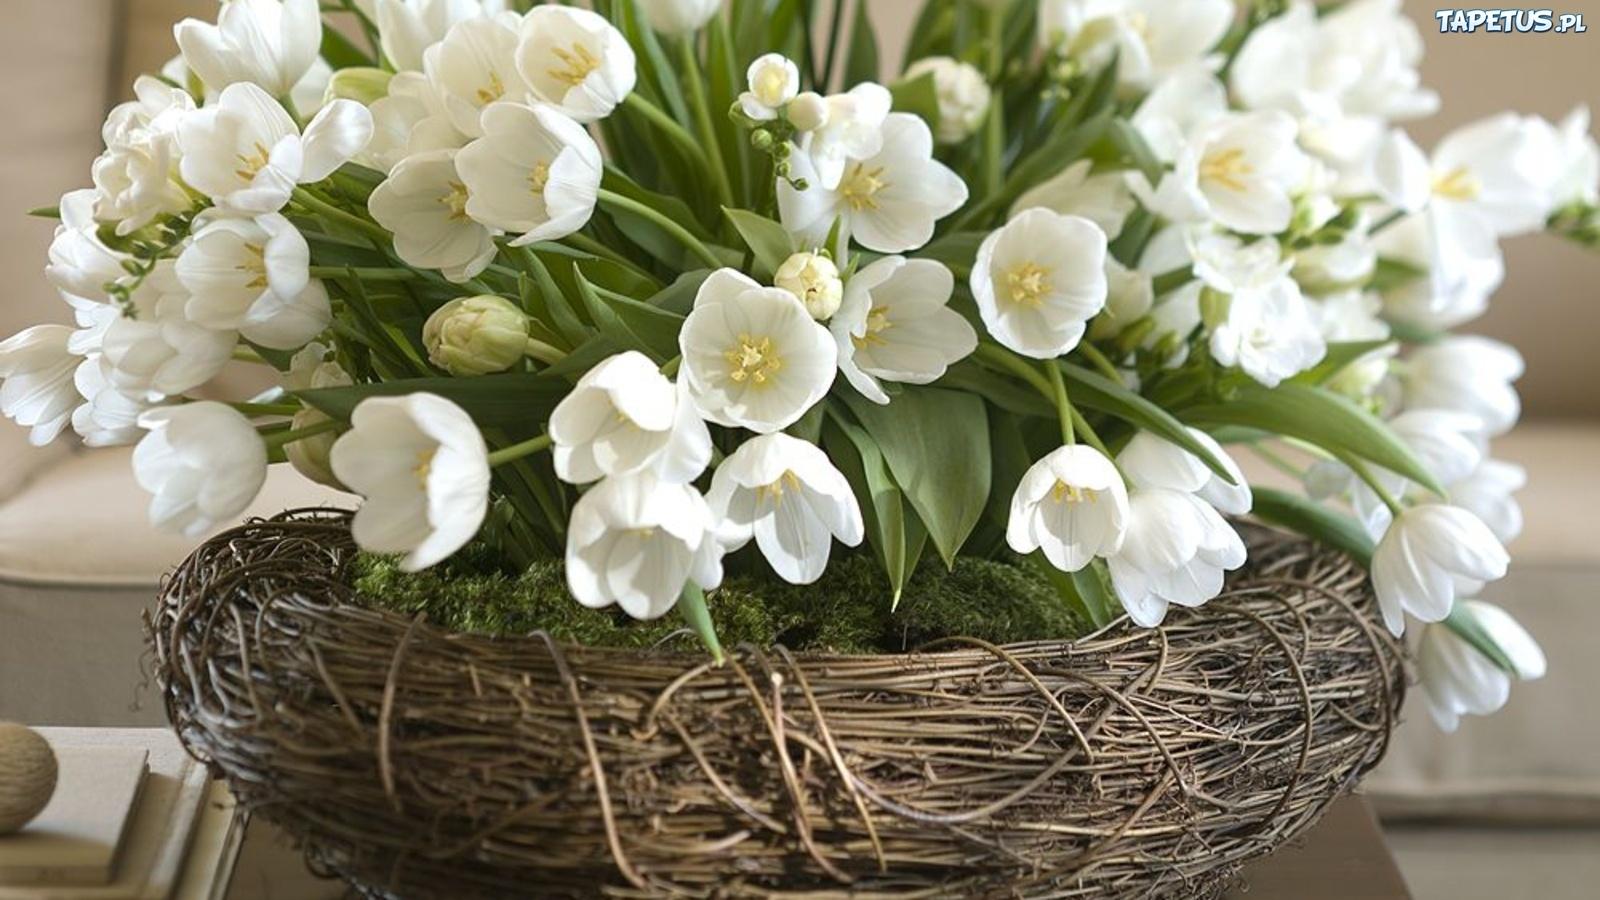 White flowers in basket 10 background wallpaper hdflowerwallpaper white flowers in basket free wallpaper mightylinksfo